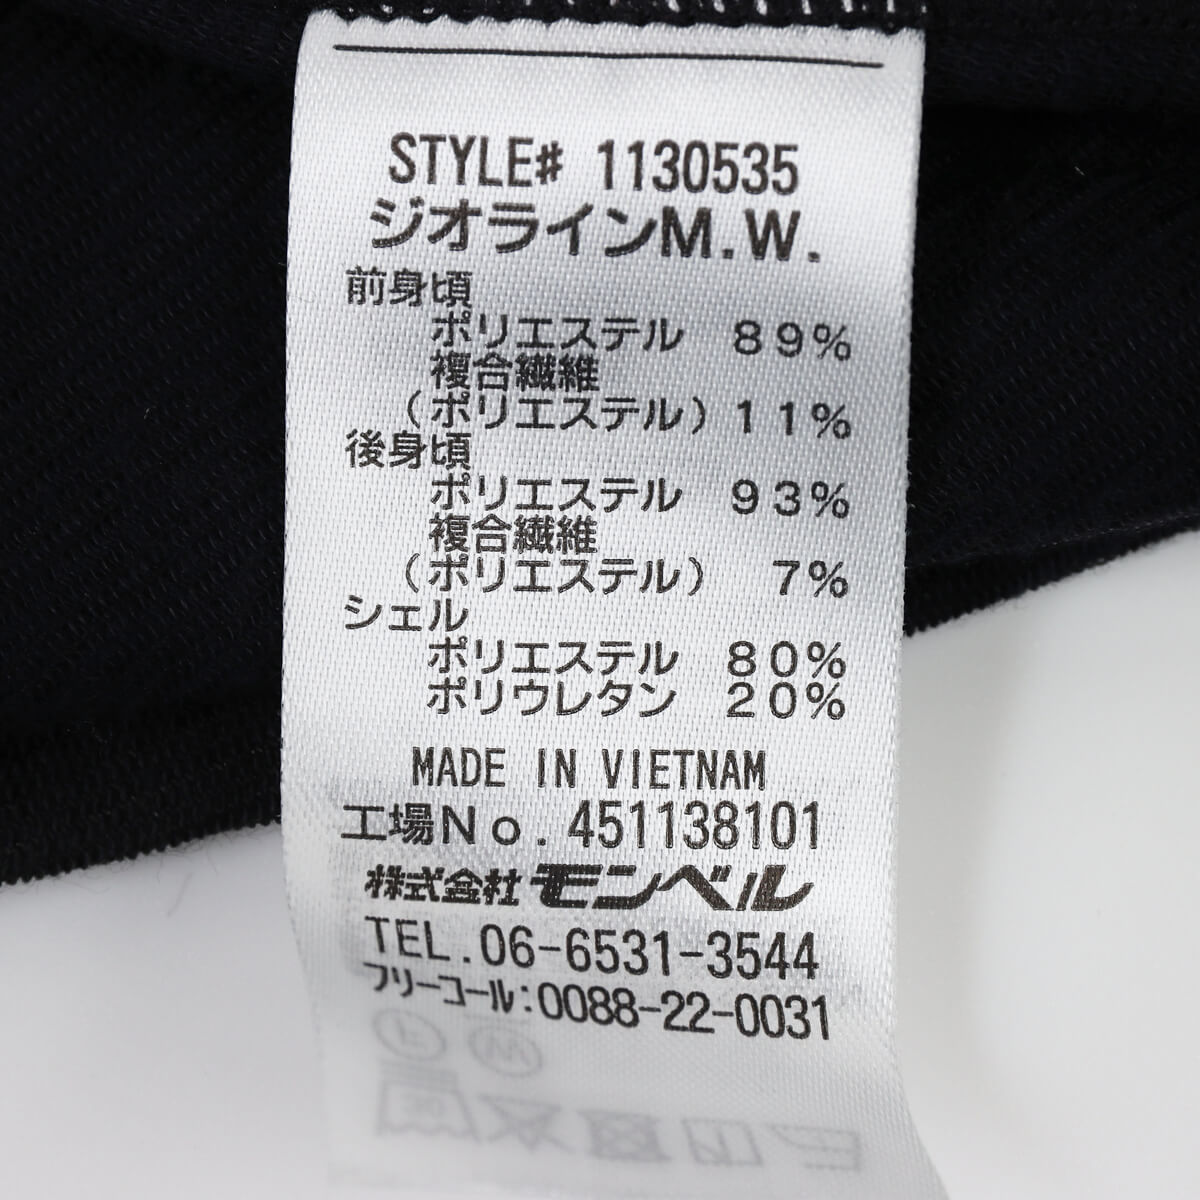 モンベル ウインドテクトサイクルアンダーシャツの素材